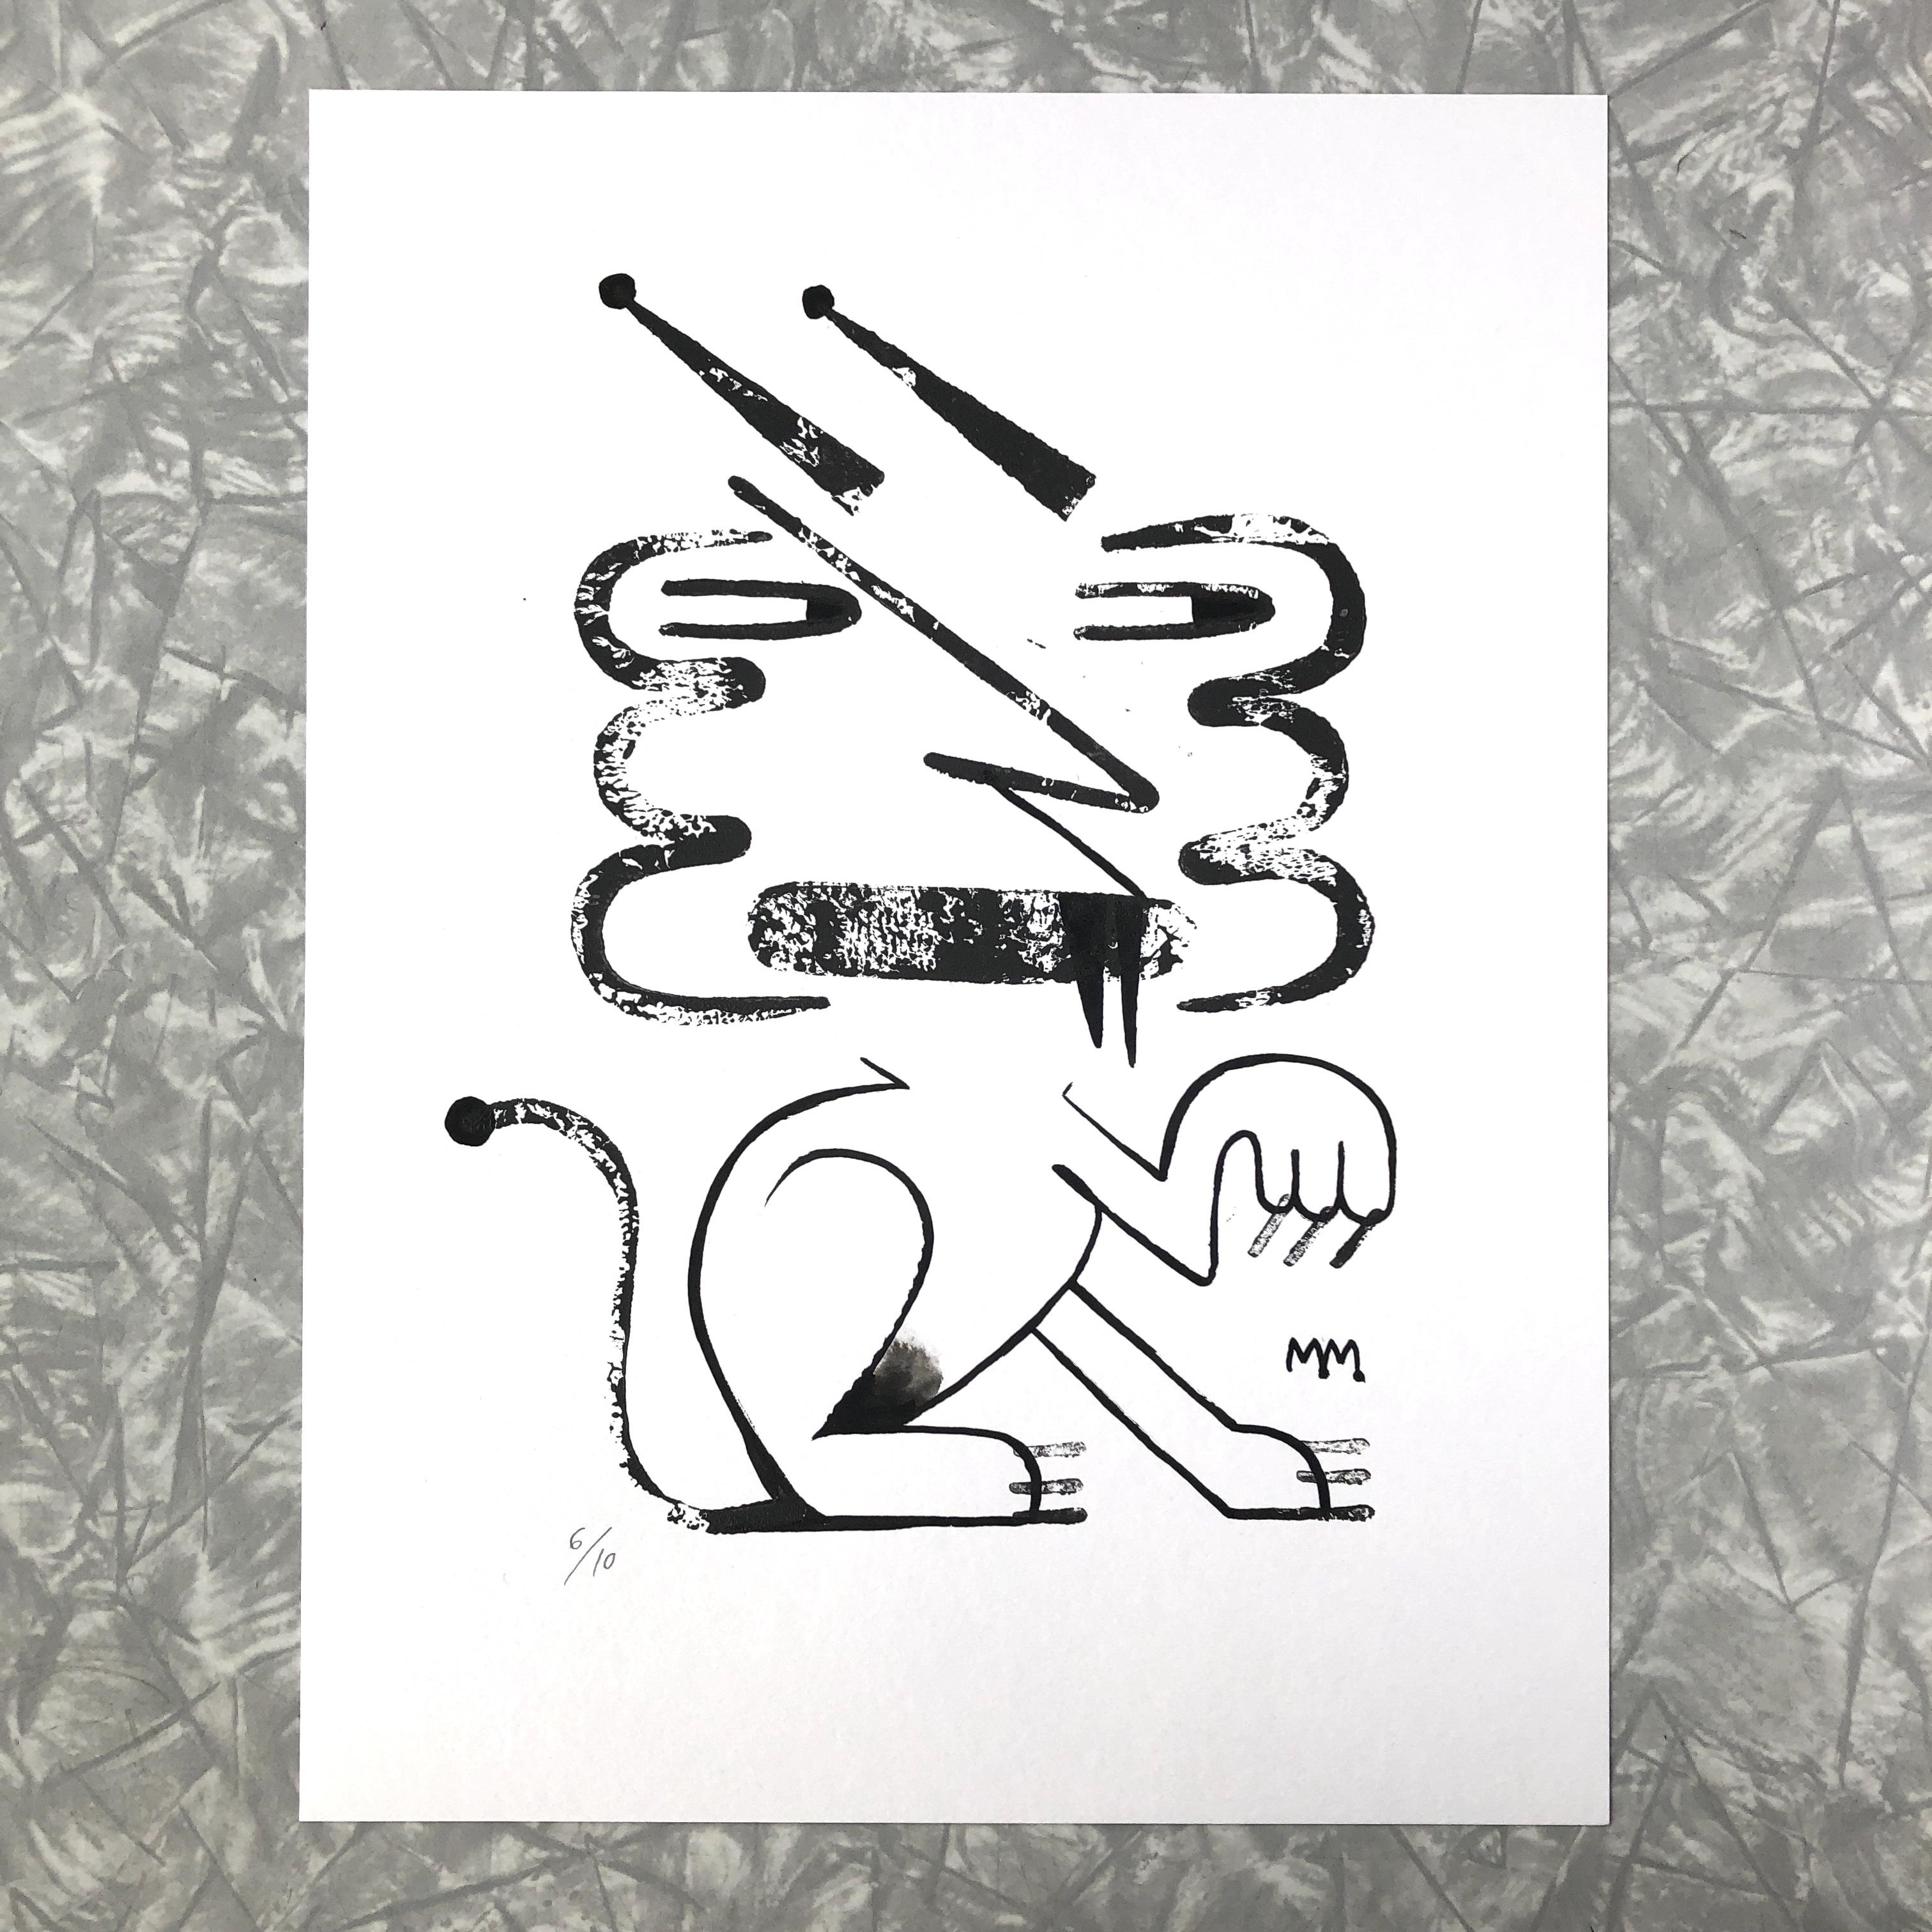 La bête 6/10